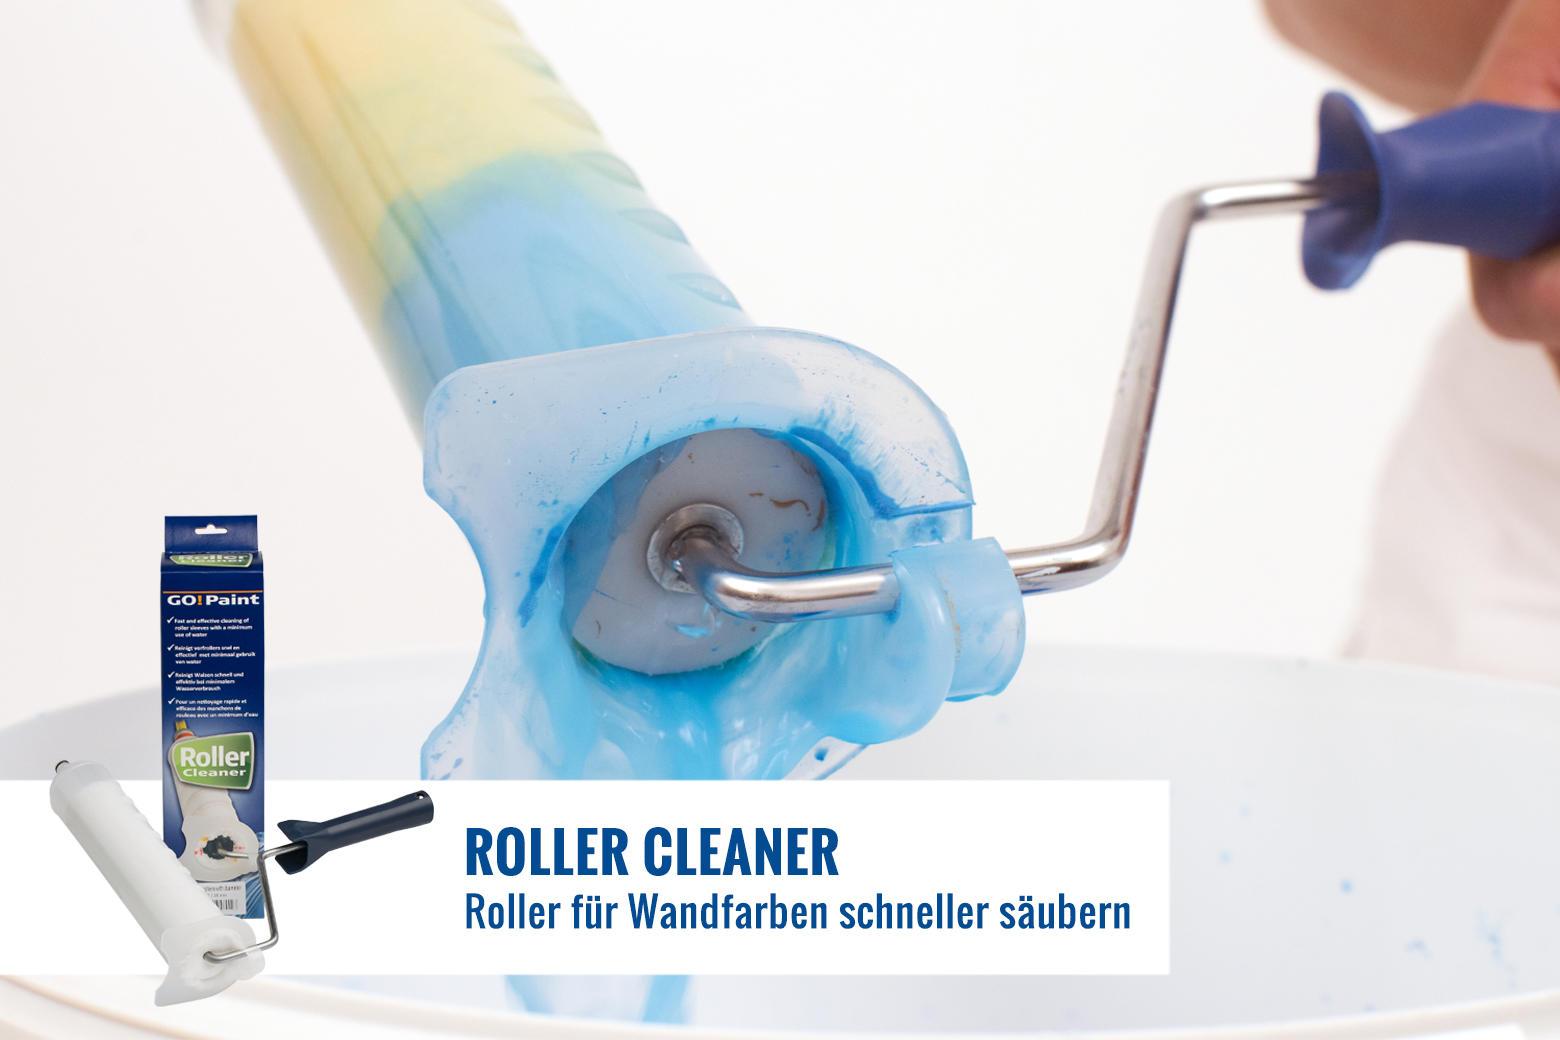 Weniger Wasserverbrauch, weniger Roller wegwerfen.